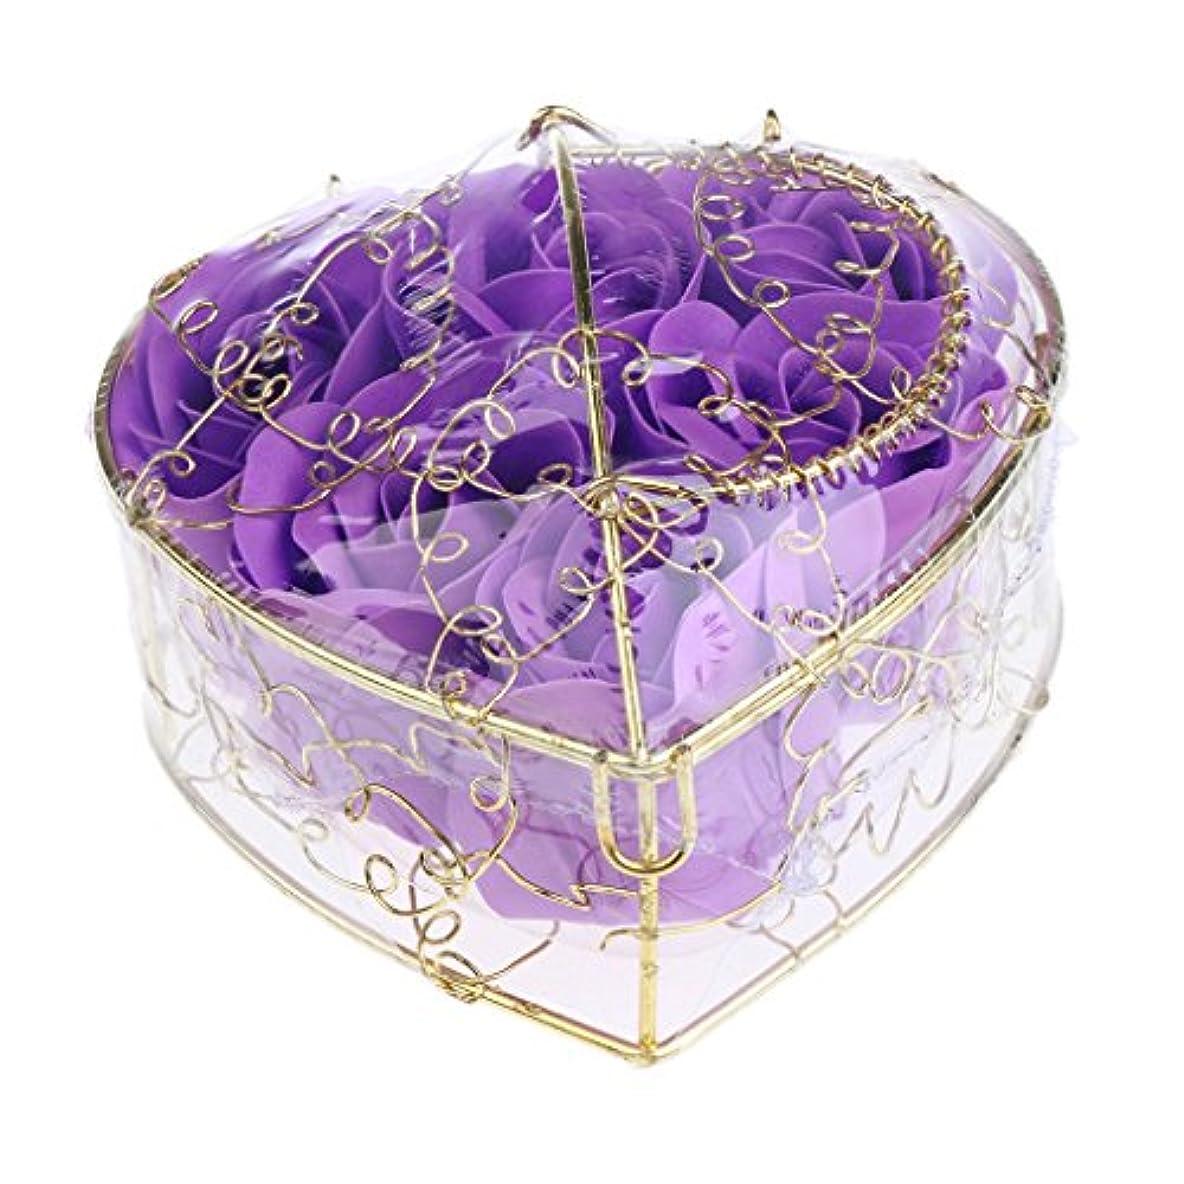 窓グレートバリアリーフ来てBaosity 6個 ソープフラワー 石鹸の花 バラ 薔薇の花 ロマンチック 心の形 ギフトボックス 誕生日 プレゼント 全5仕様選べる - 紫